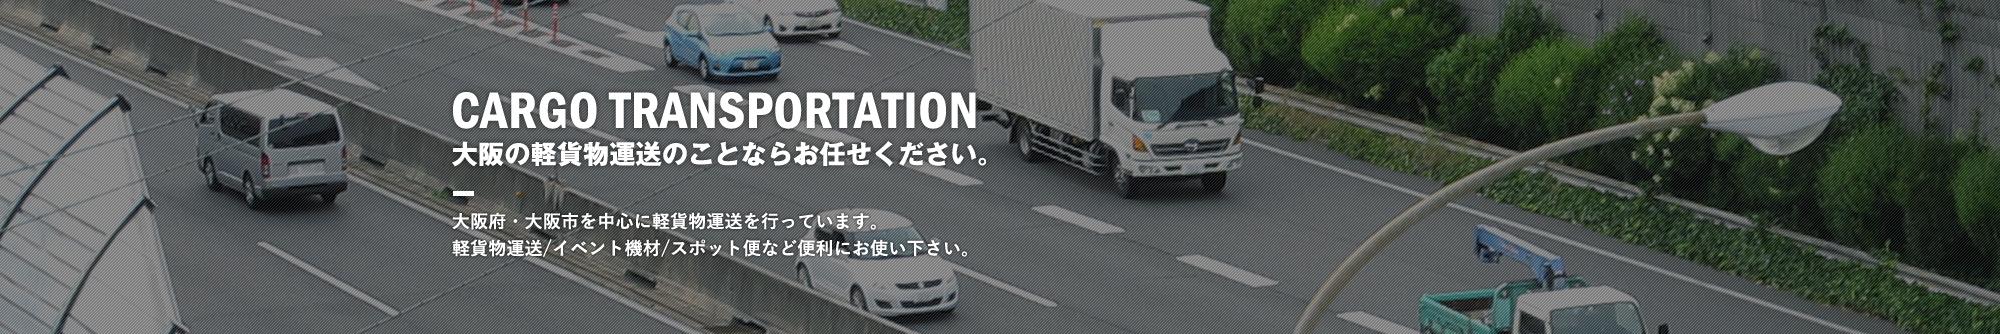 大阪で軽貨物運送のことならモリキにお任せください。大阪府・大阪市を中心に軽貨物運送を行っています。軽貨物運送、イベント機材、スポット便など便利にお使いください。